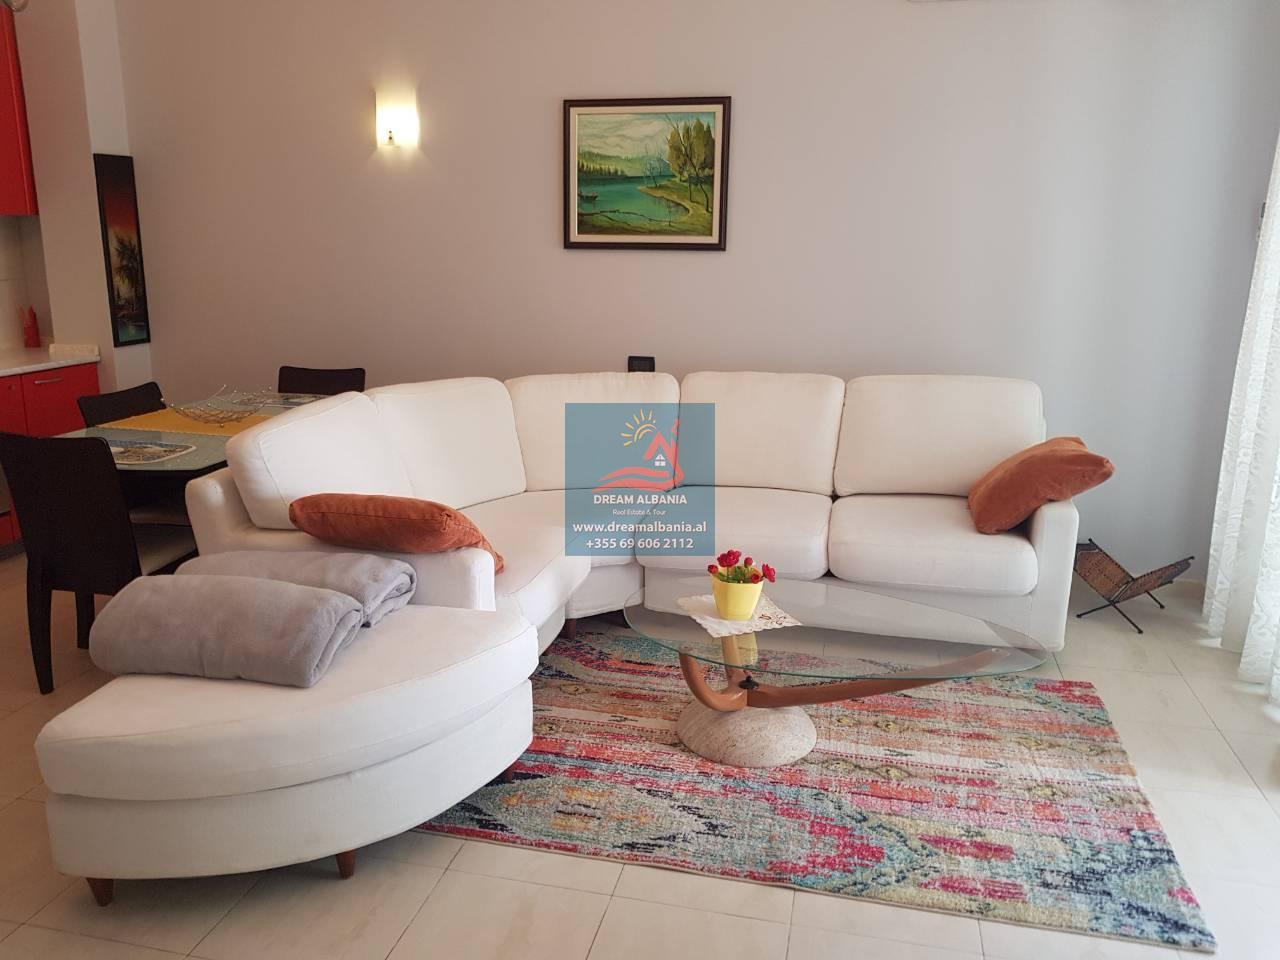 Qera, ID 4221203 ,Apartament 2+1, Rruga Fortuzi, Blv Zog I, Tirane